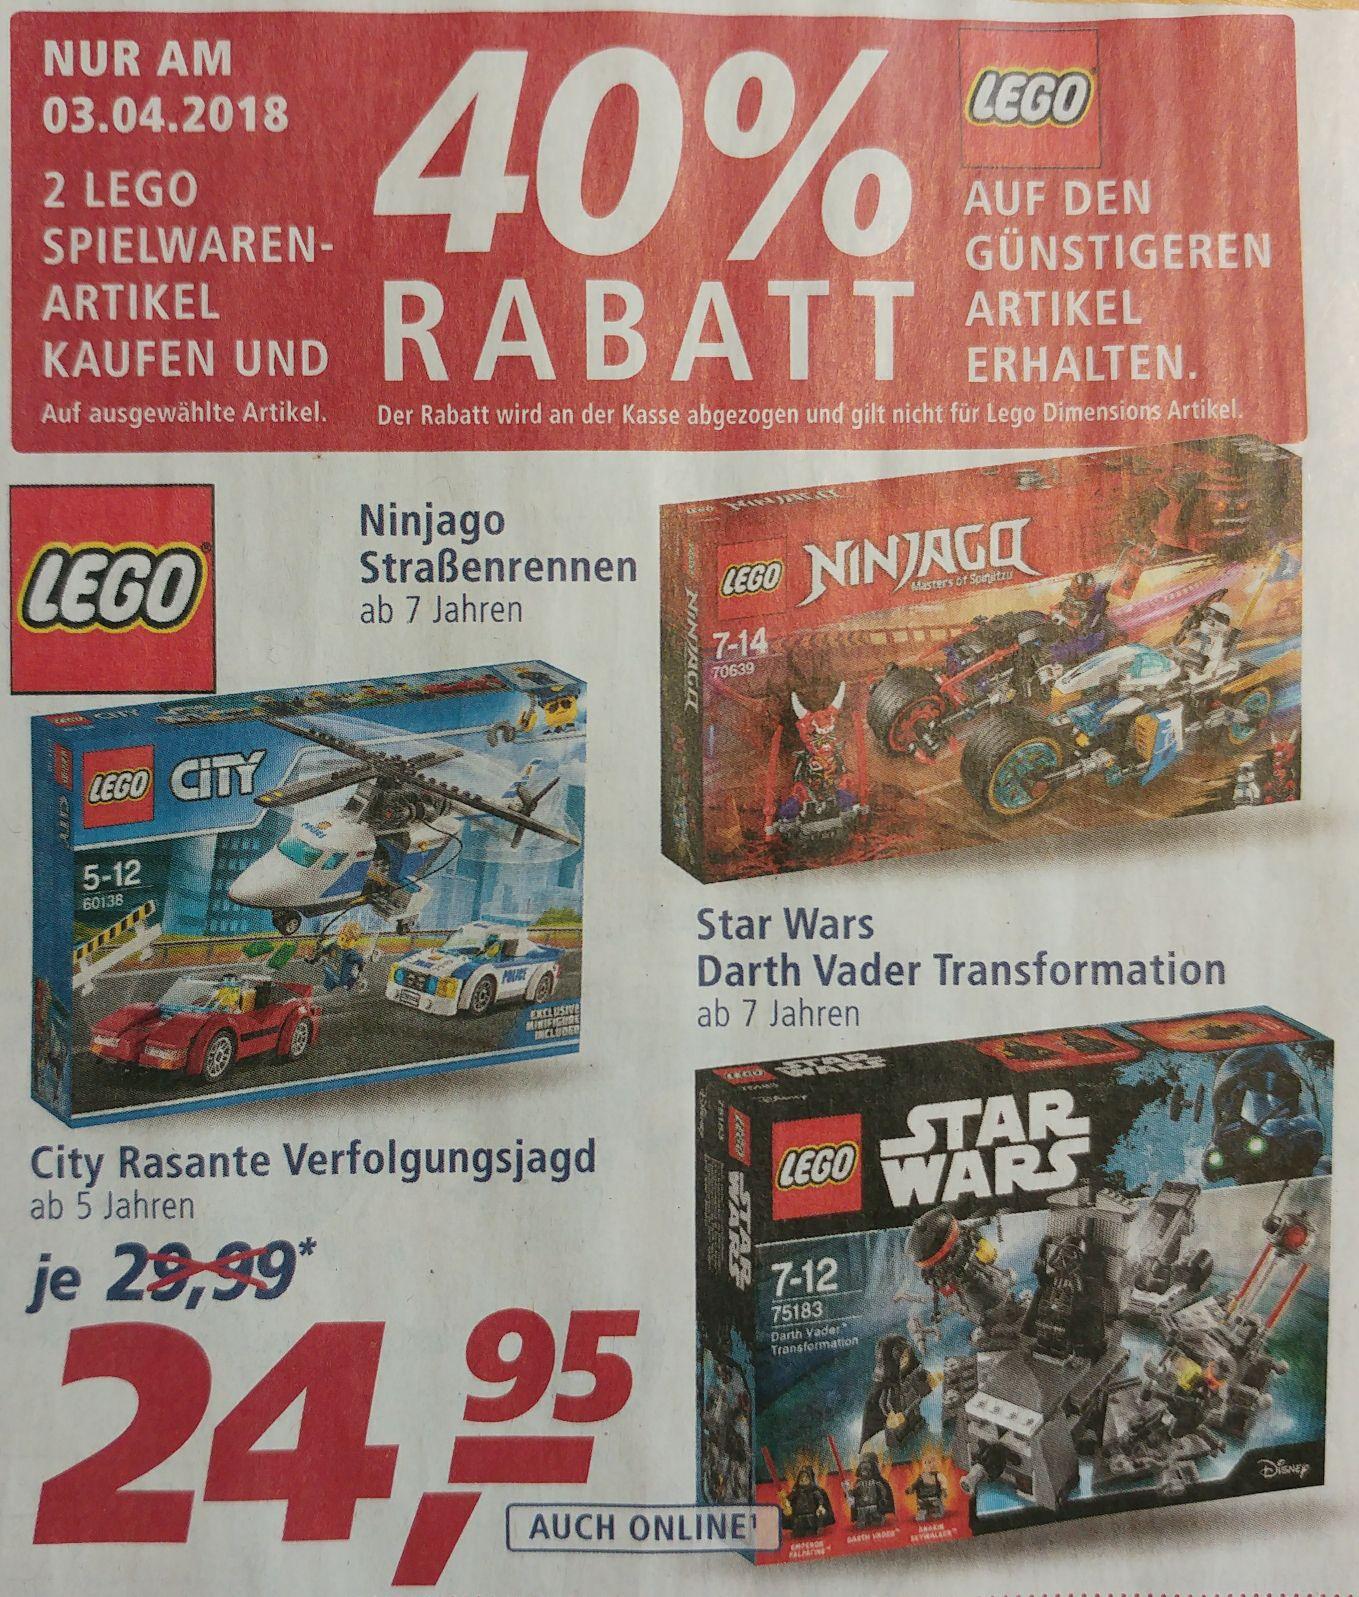 Beim Kauf von zwei Lego Artikeln gibt es bei Real am 3.4 on und offline 40% Rabatt auf den günstigeren Artikel